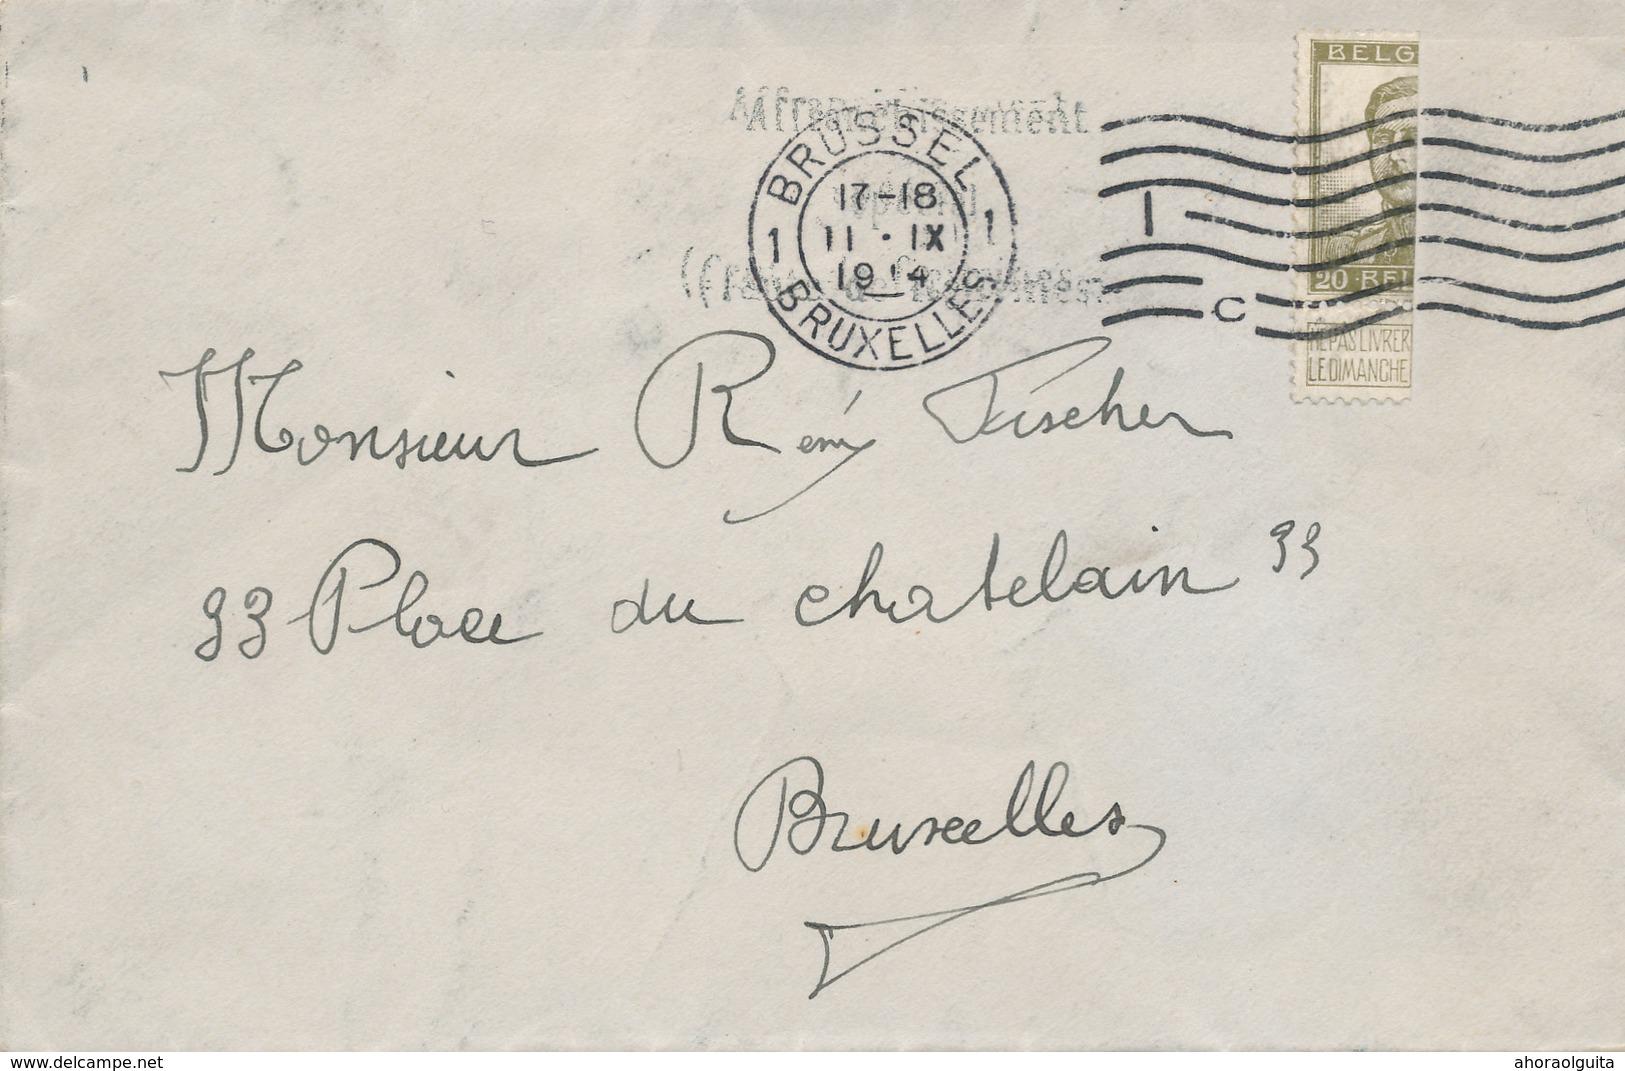 879/28 - PREMIERS MOIS DE GUERRE - Enveloppe TP Pellens Coupé En Deux - BRUXELLES 11 IX 1914 - Invasion